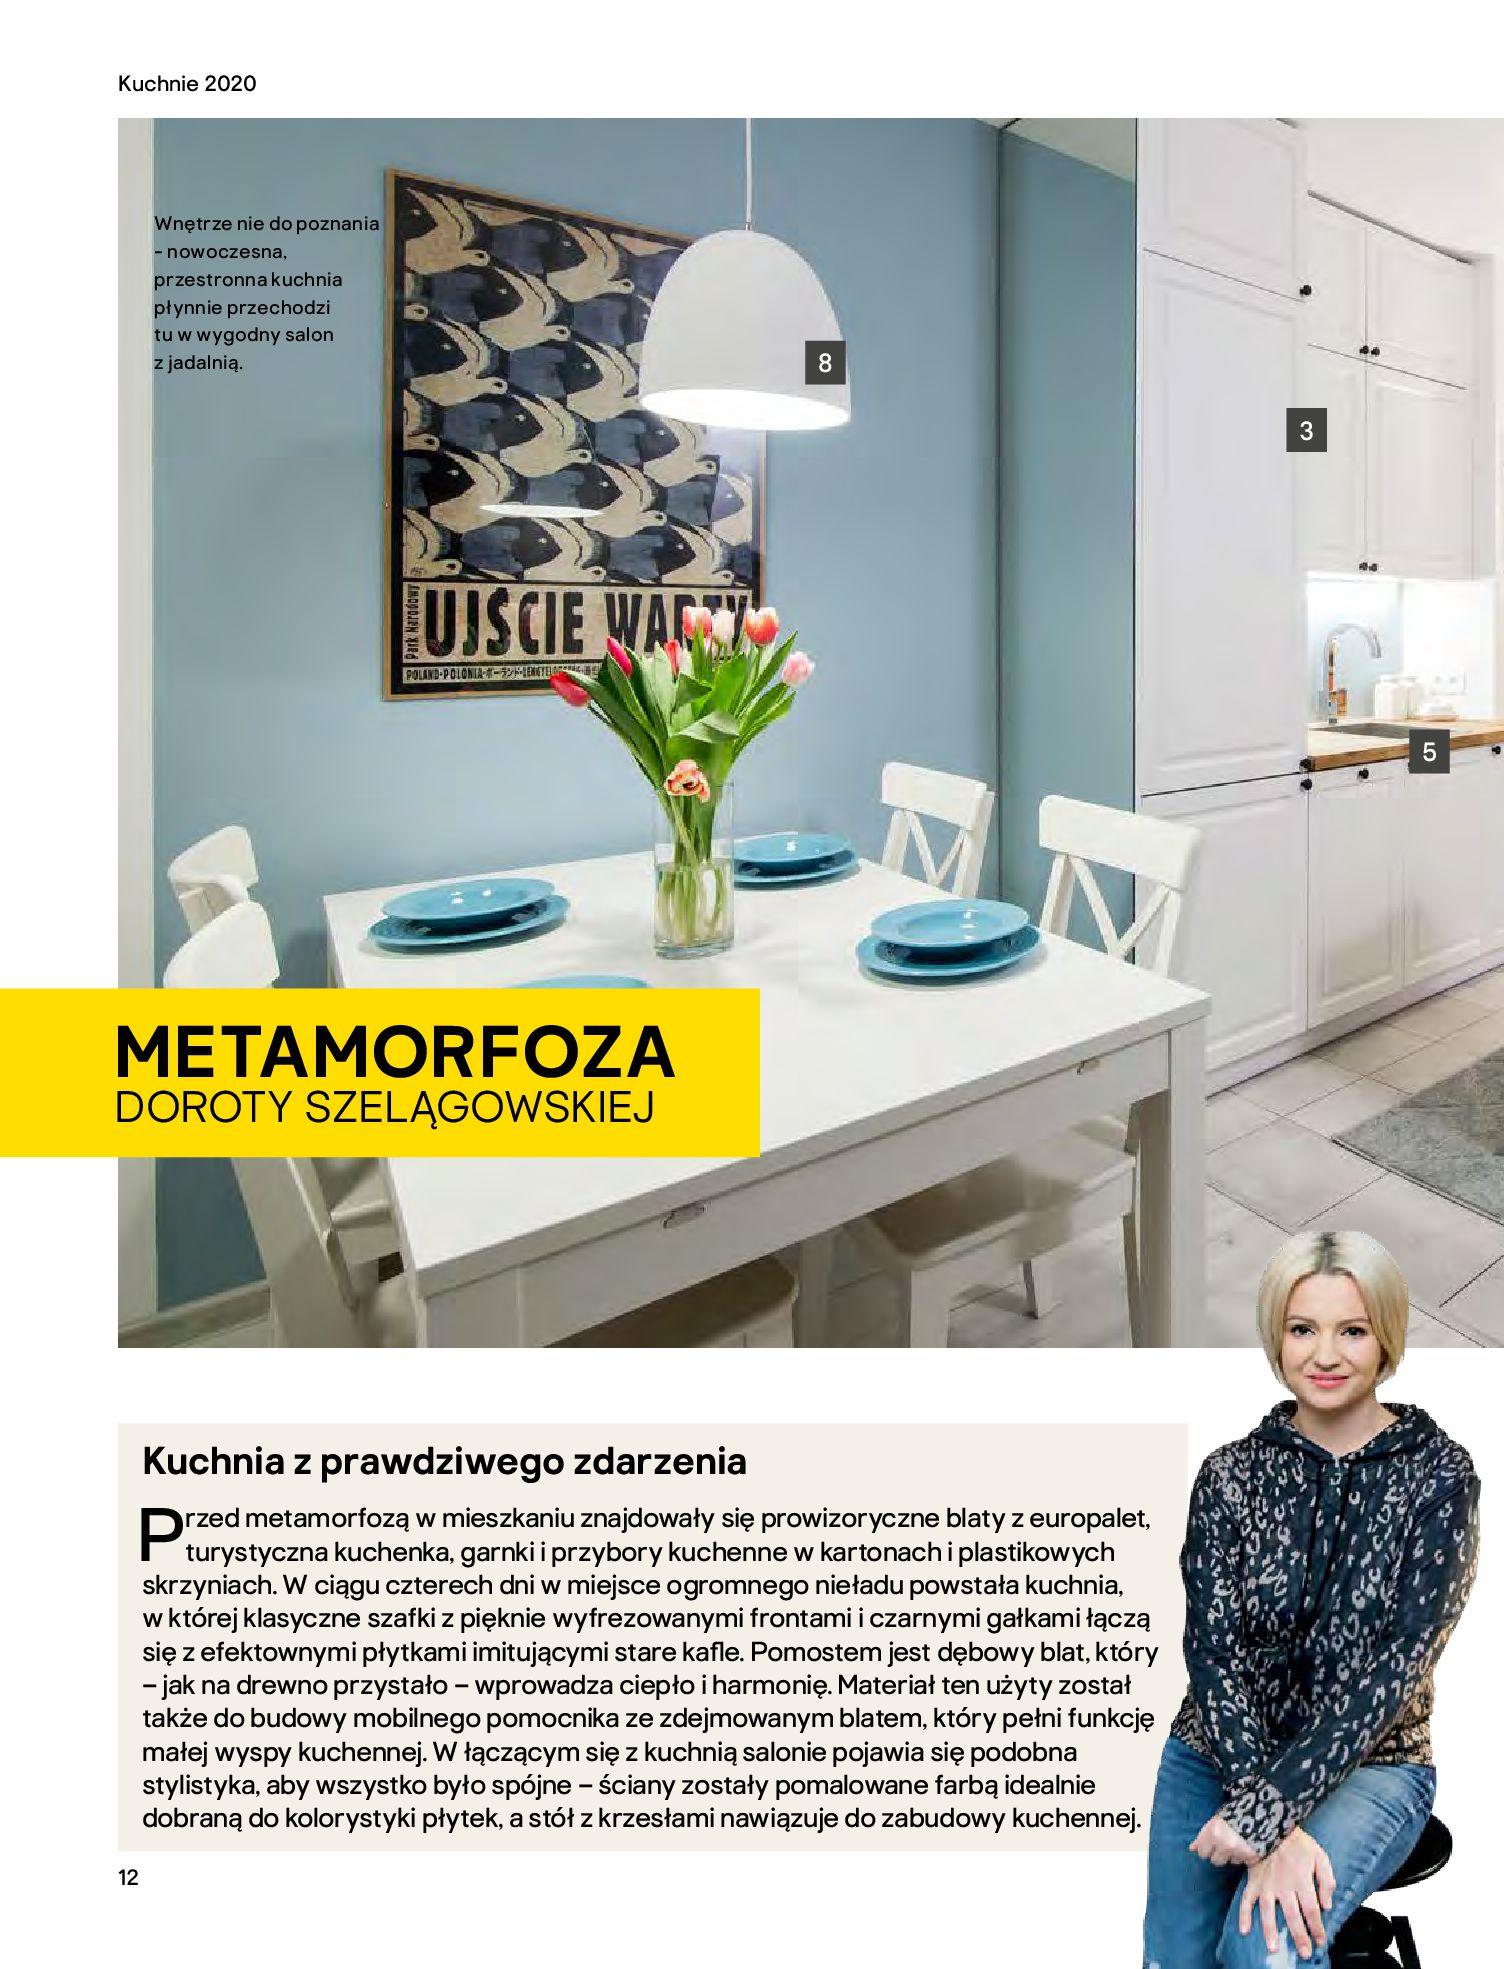 Gazetka Castorama - Katalog Kuchnie 2020-14.04.2020-31.12.2020-page-12